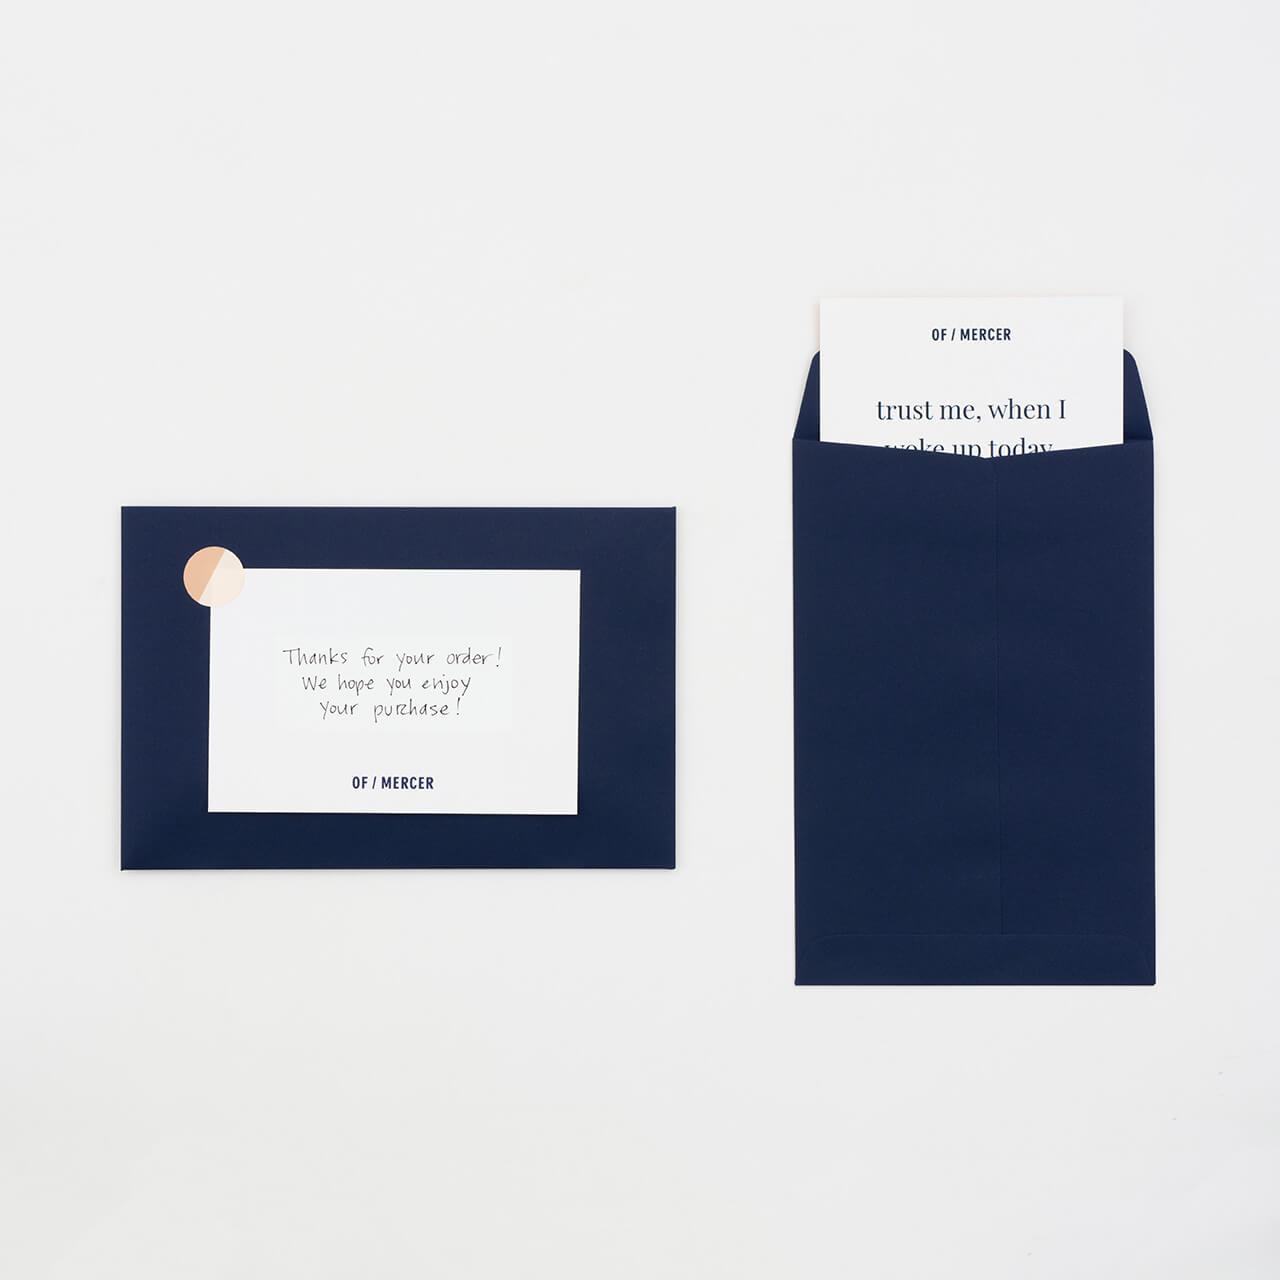 bueno-ofmercer-envelope